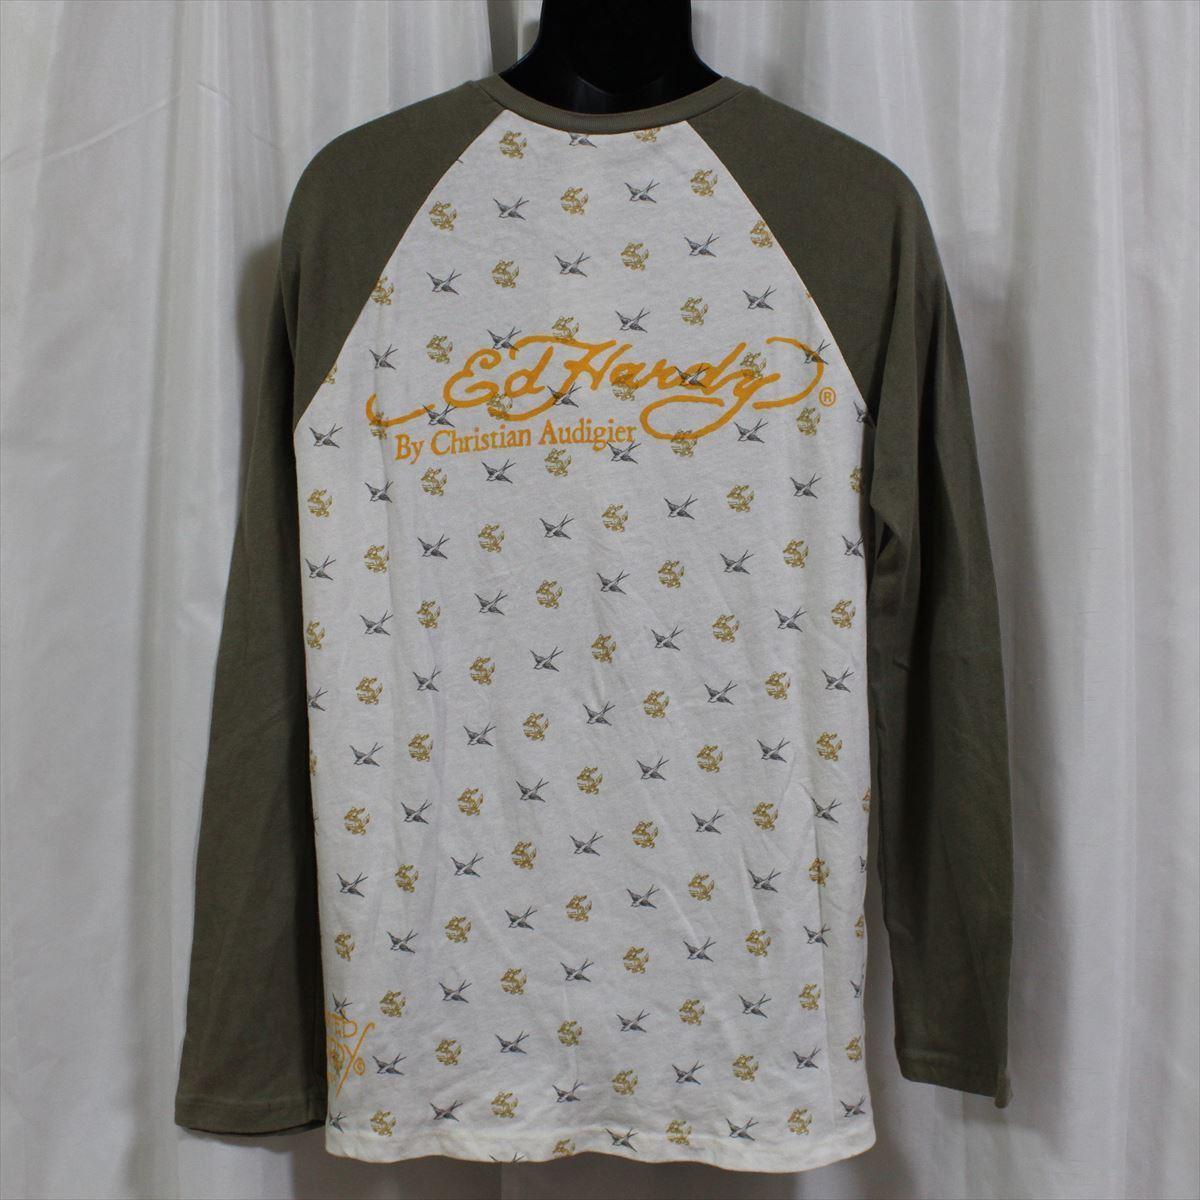 エドハーディー ED HARDY メンズ長袖Tシャツ カーキ Sサイズ M03TTMR312 新品 ラグランスリーブ アメリカ製_画像4